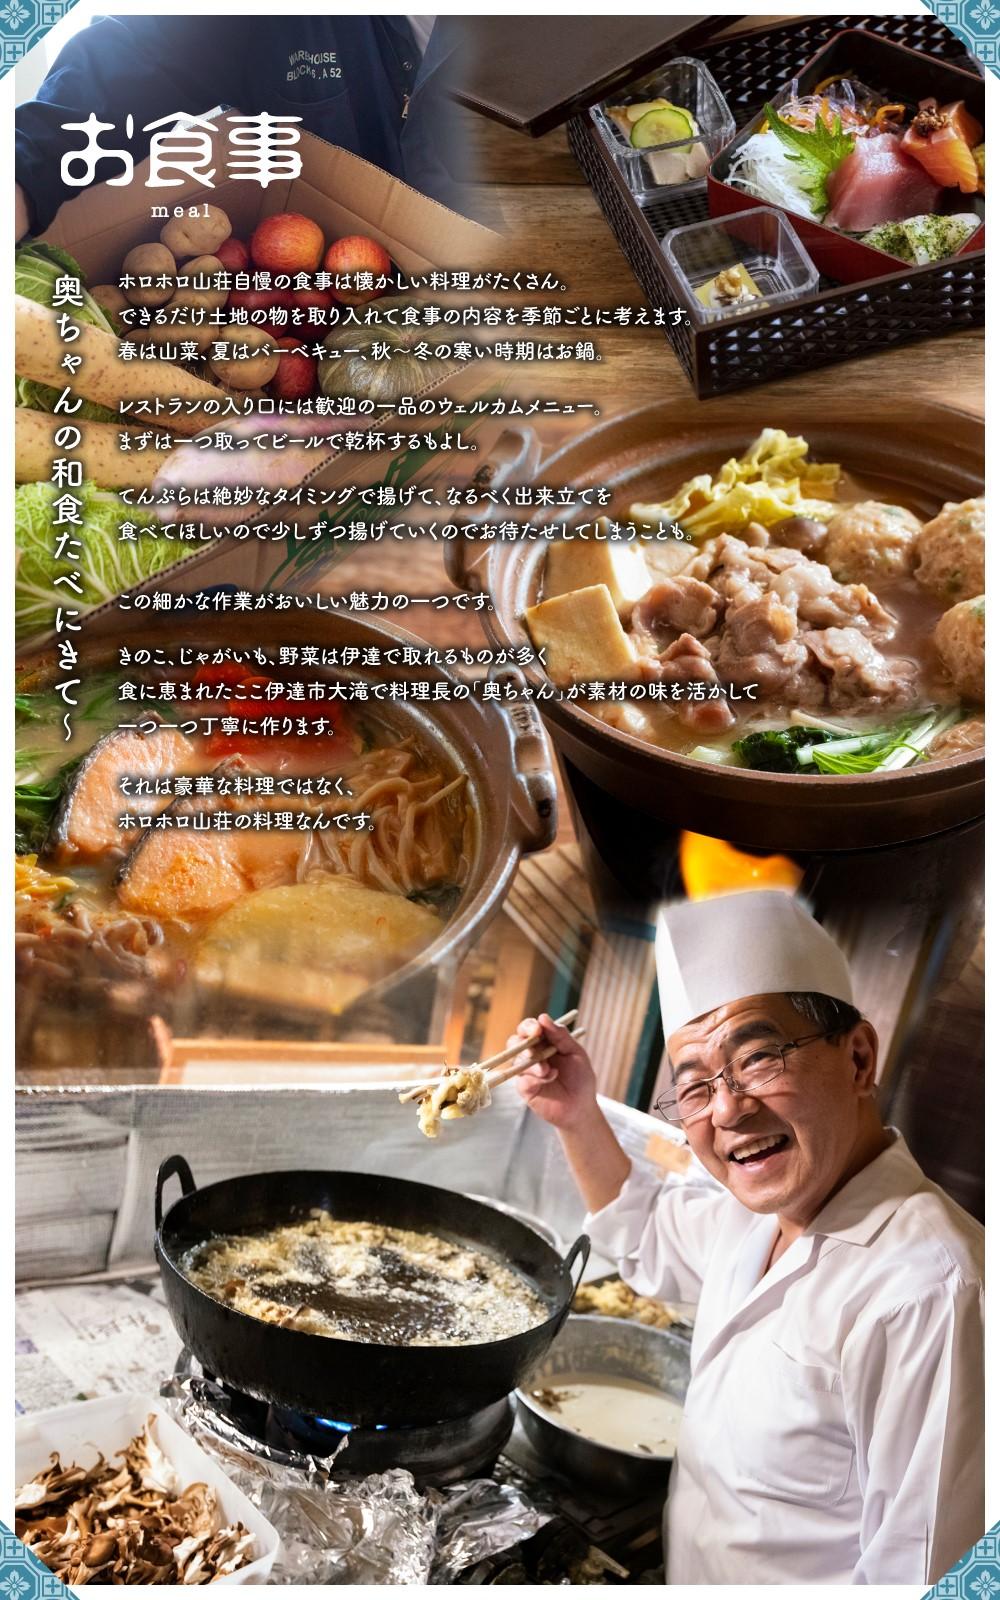 ホロホロ山荘自慢の食事は懐かしい料理がたくさん。